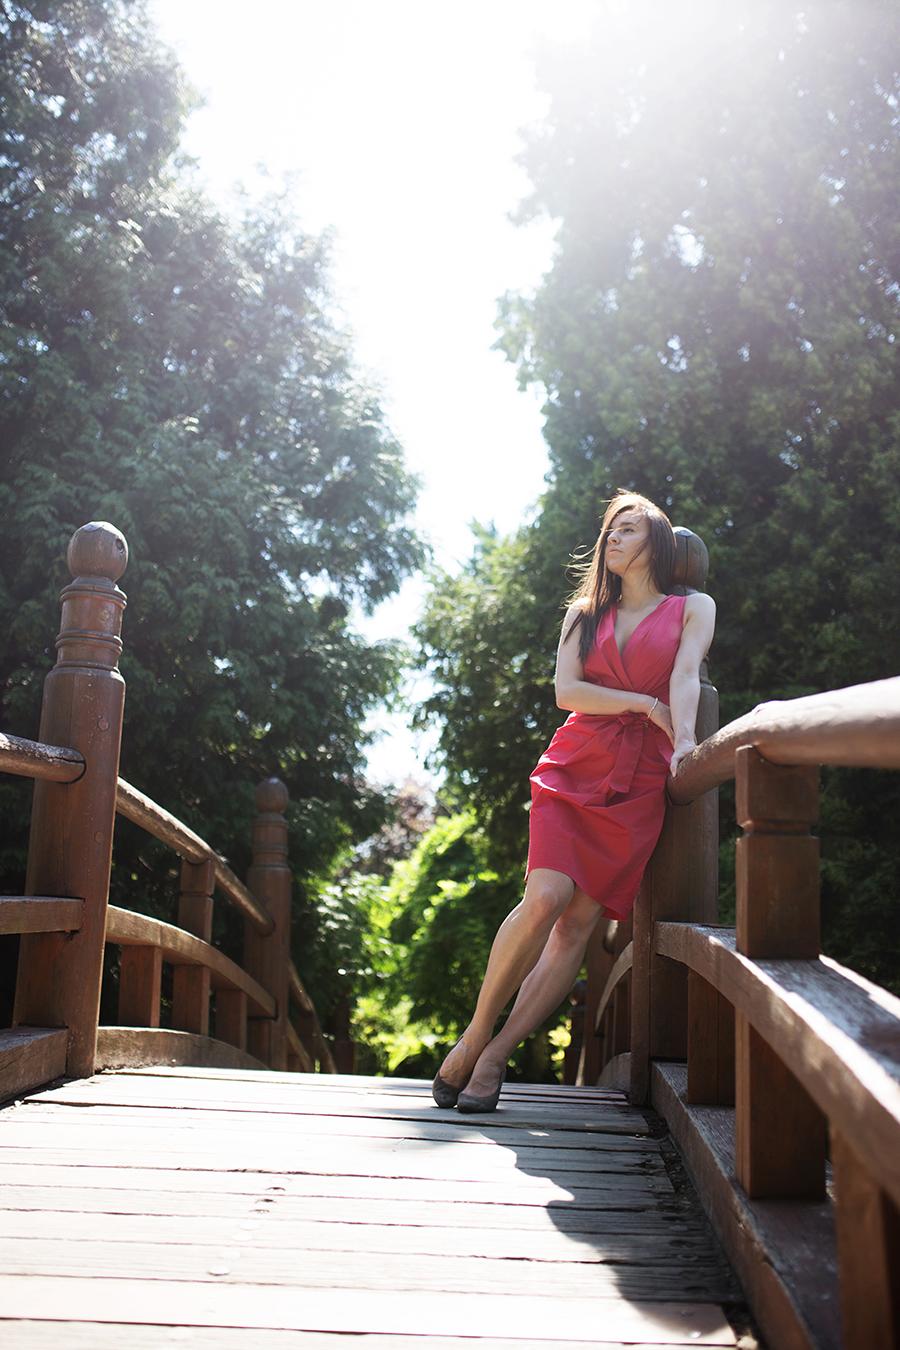 fashion-blog-kateillustrate red dress